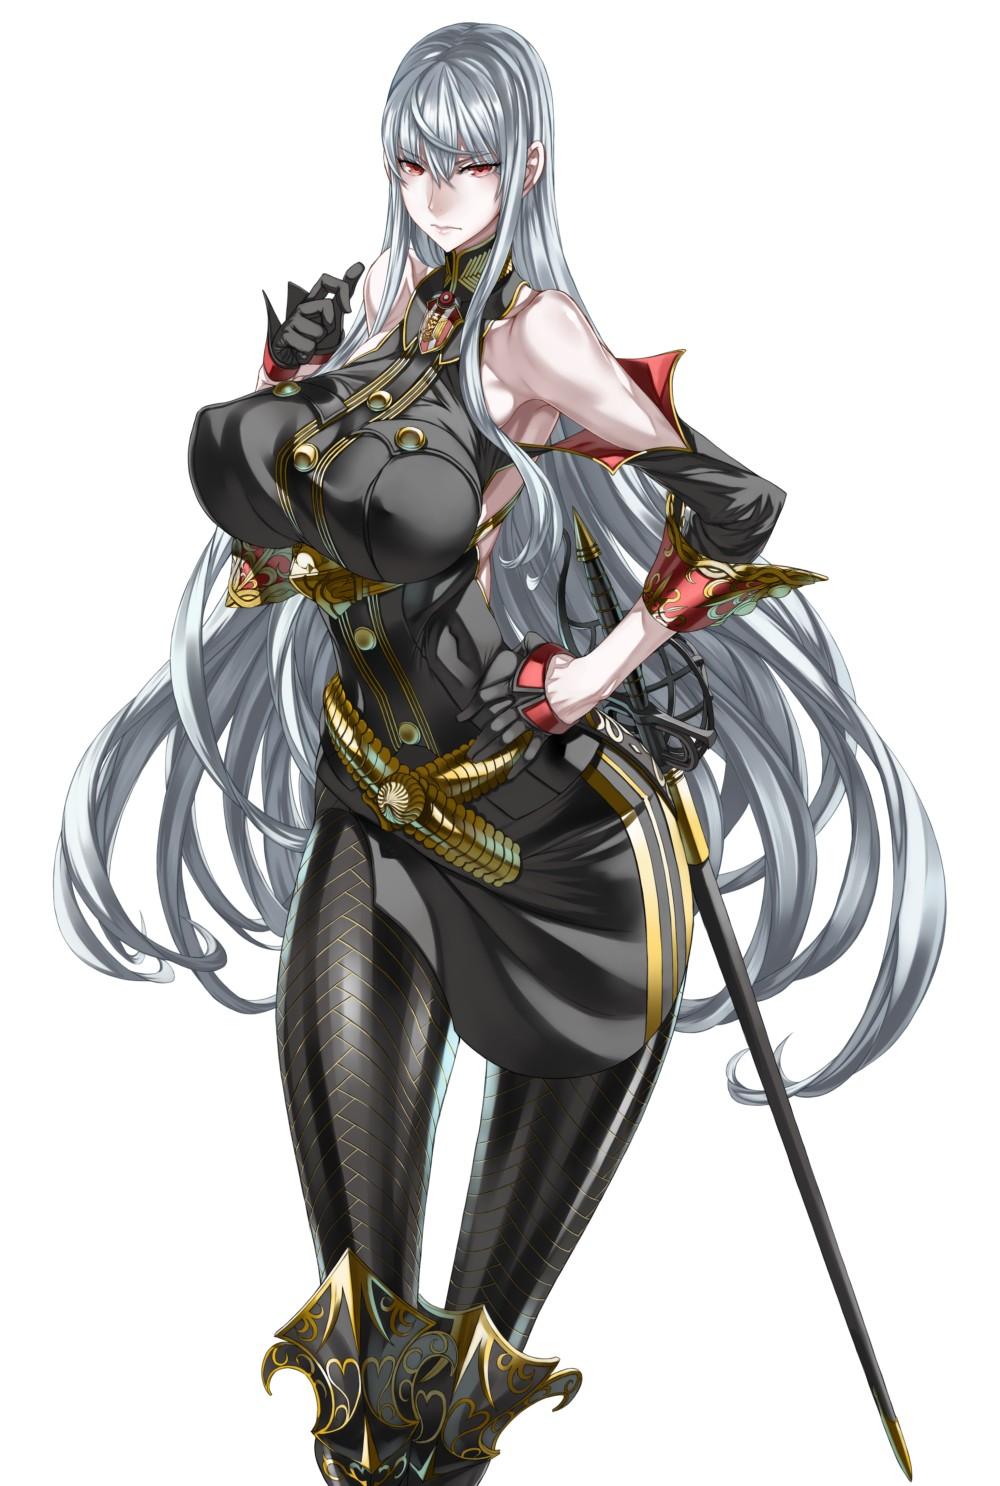 http://image01.seesaawiki.jp/d/c/dengeki_fc/ff3d715f547d3dff